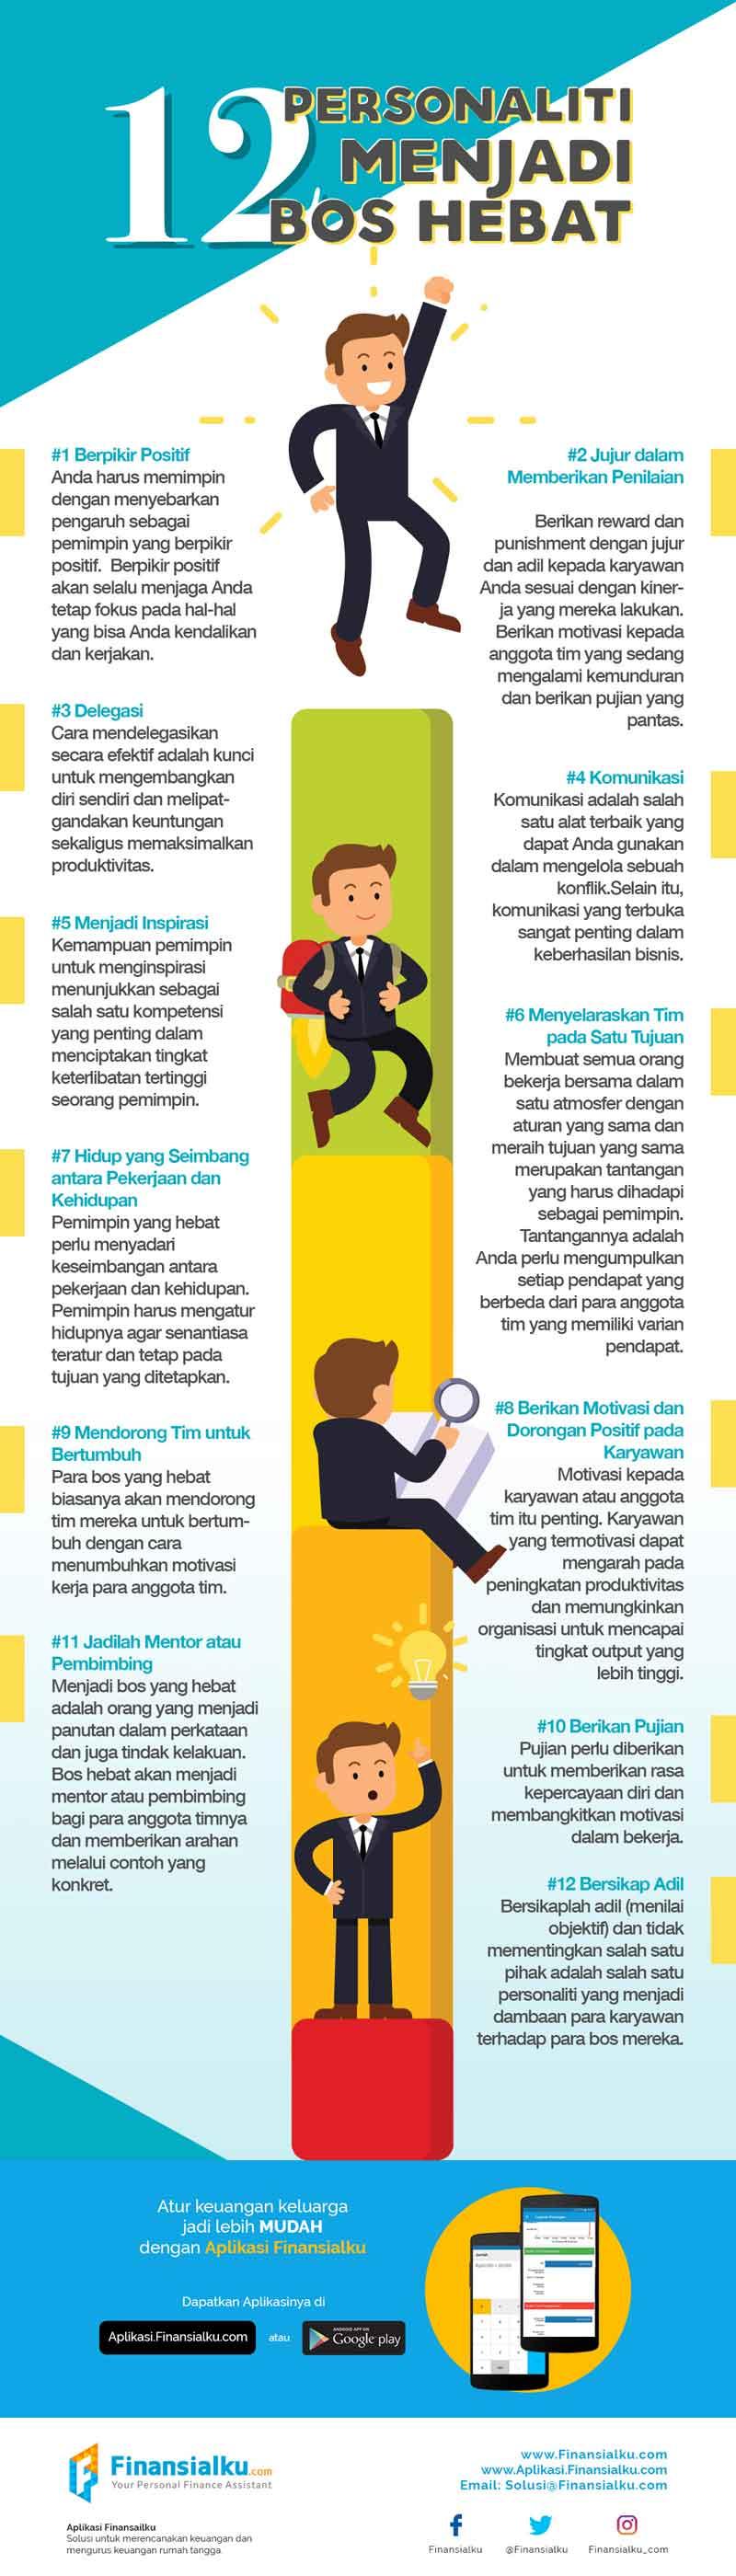 12 Personaliti Menjadi Bos Hebat Untuk Bisnis Anda - Finansialku